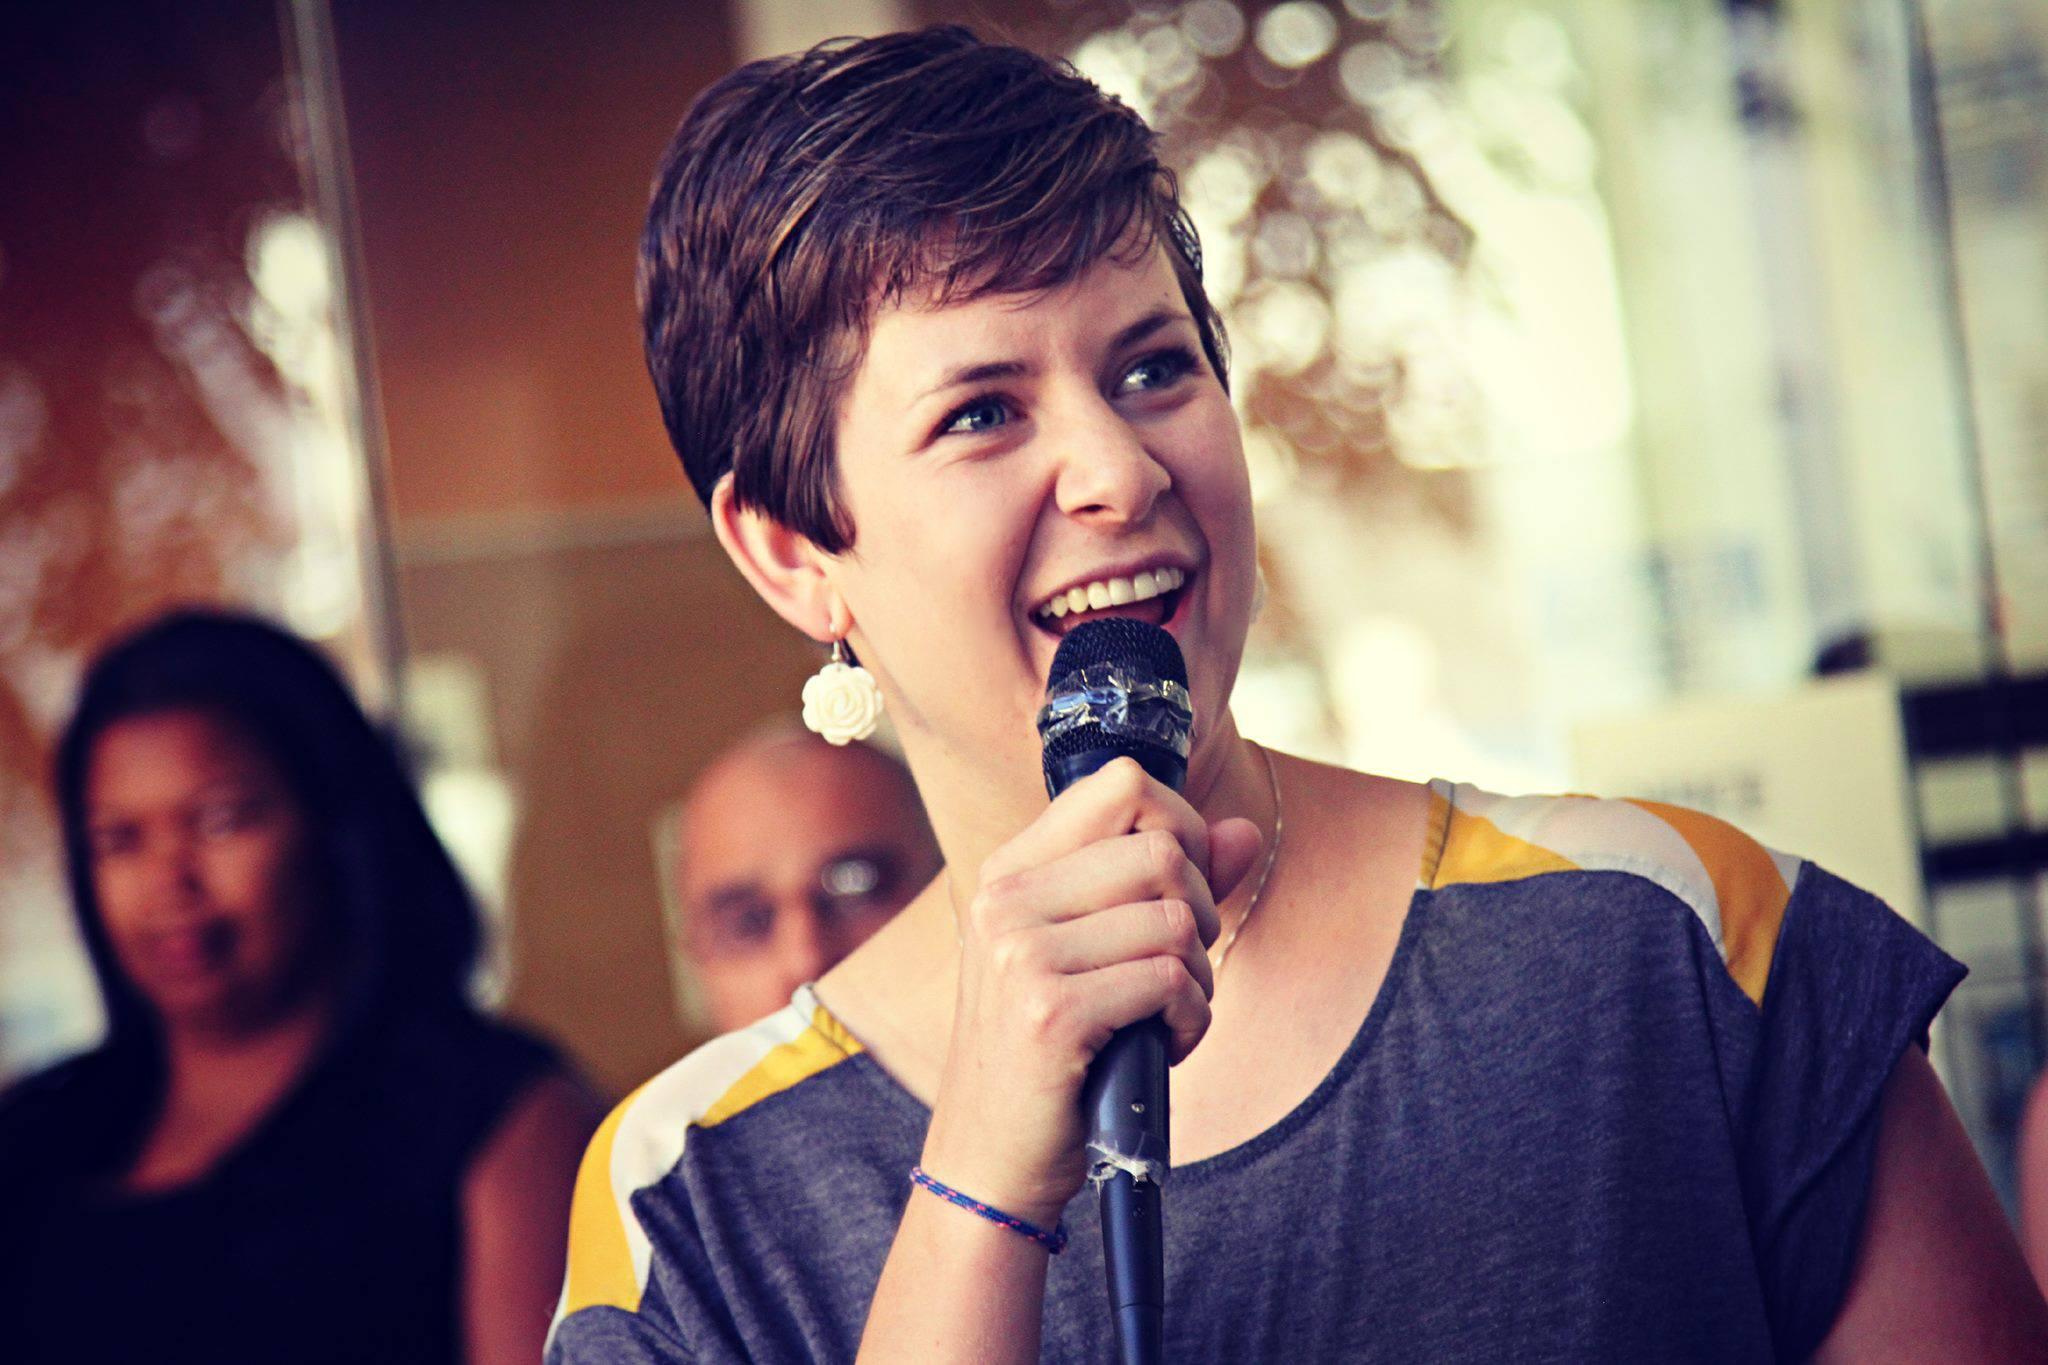 Lauren Grubaugh